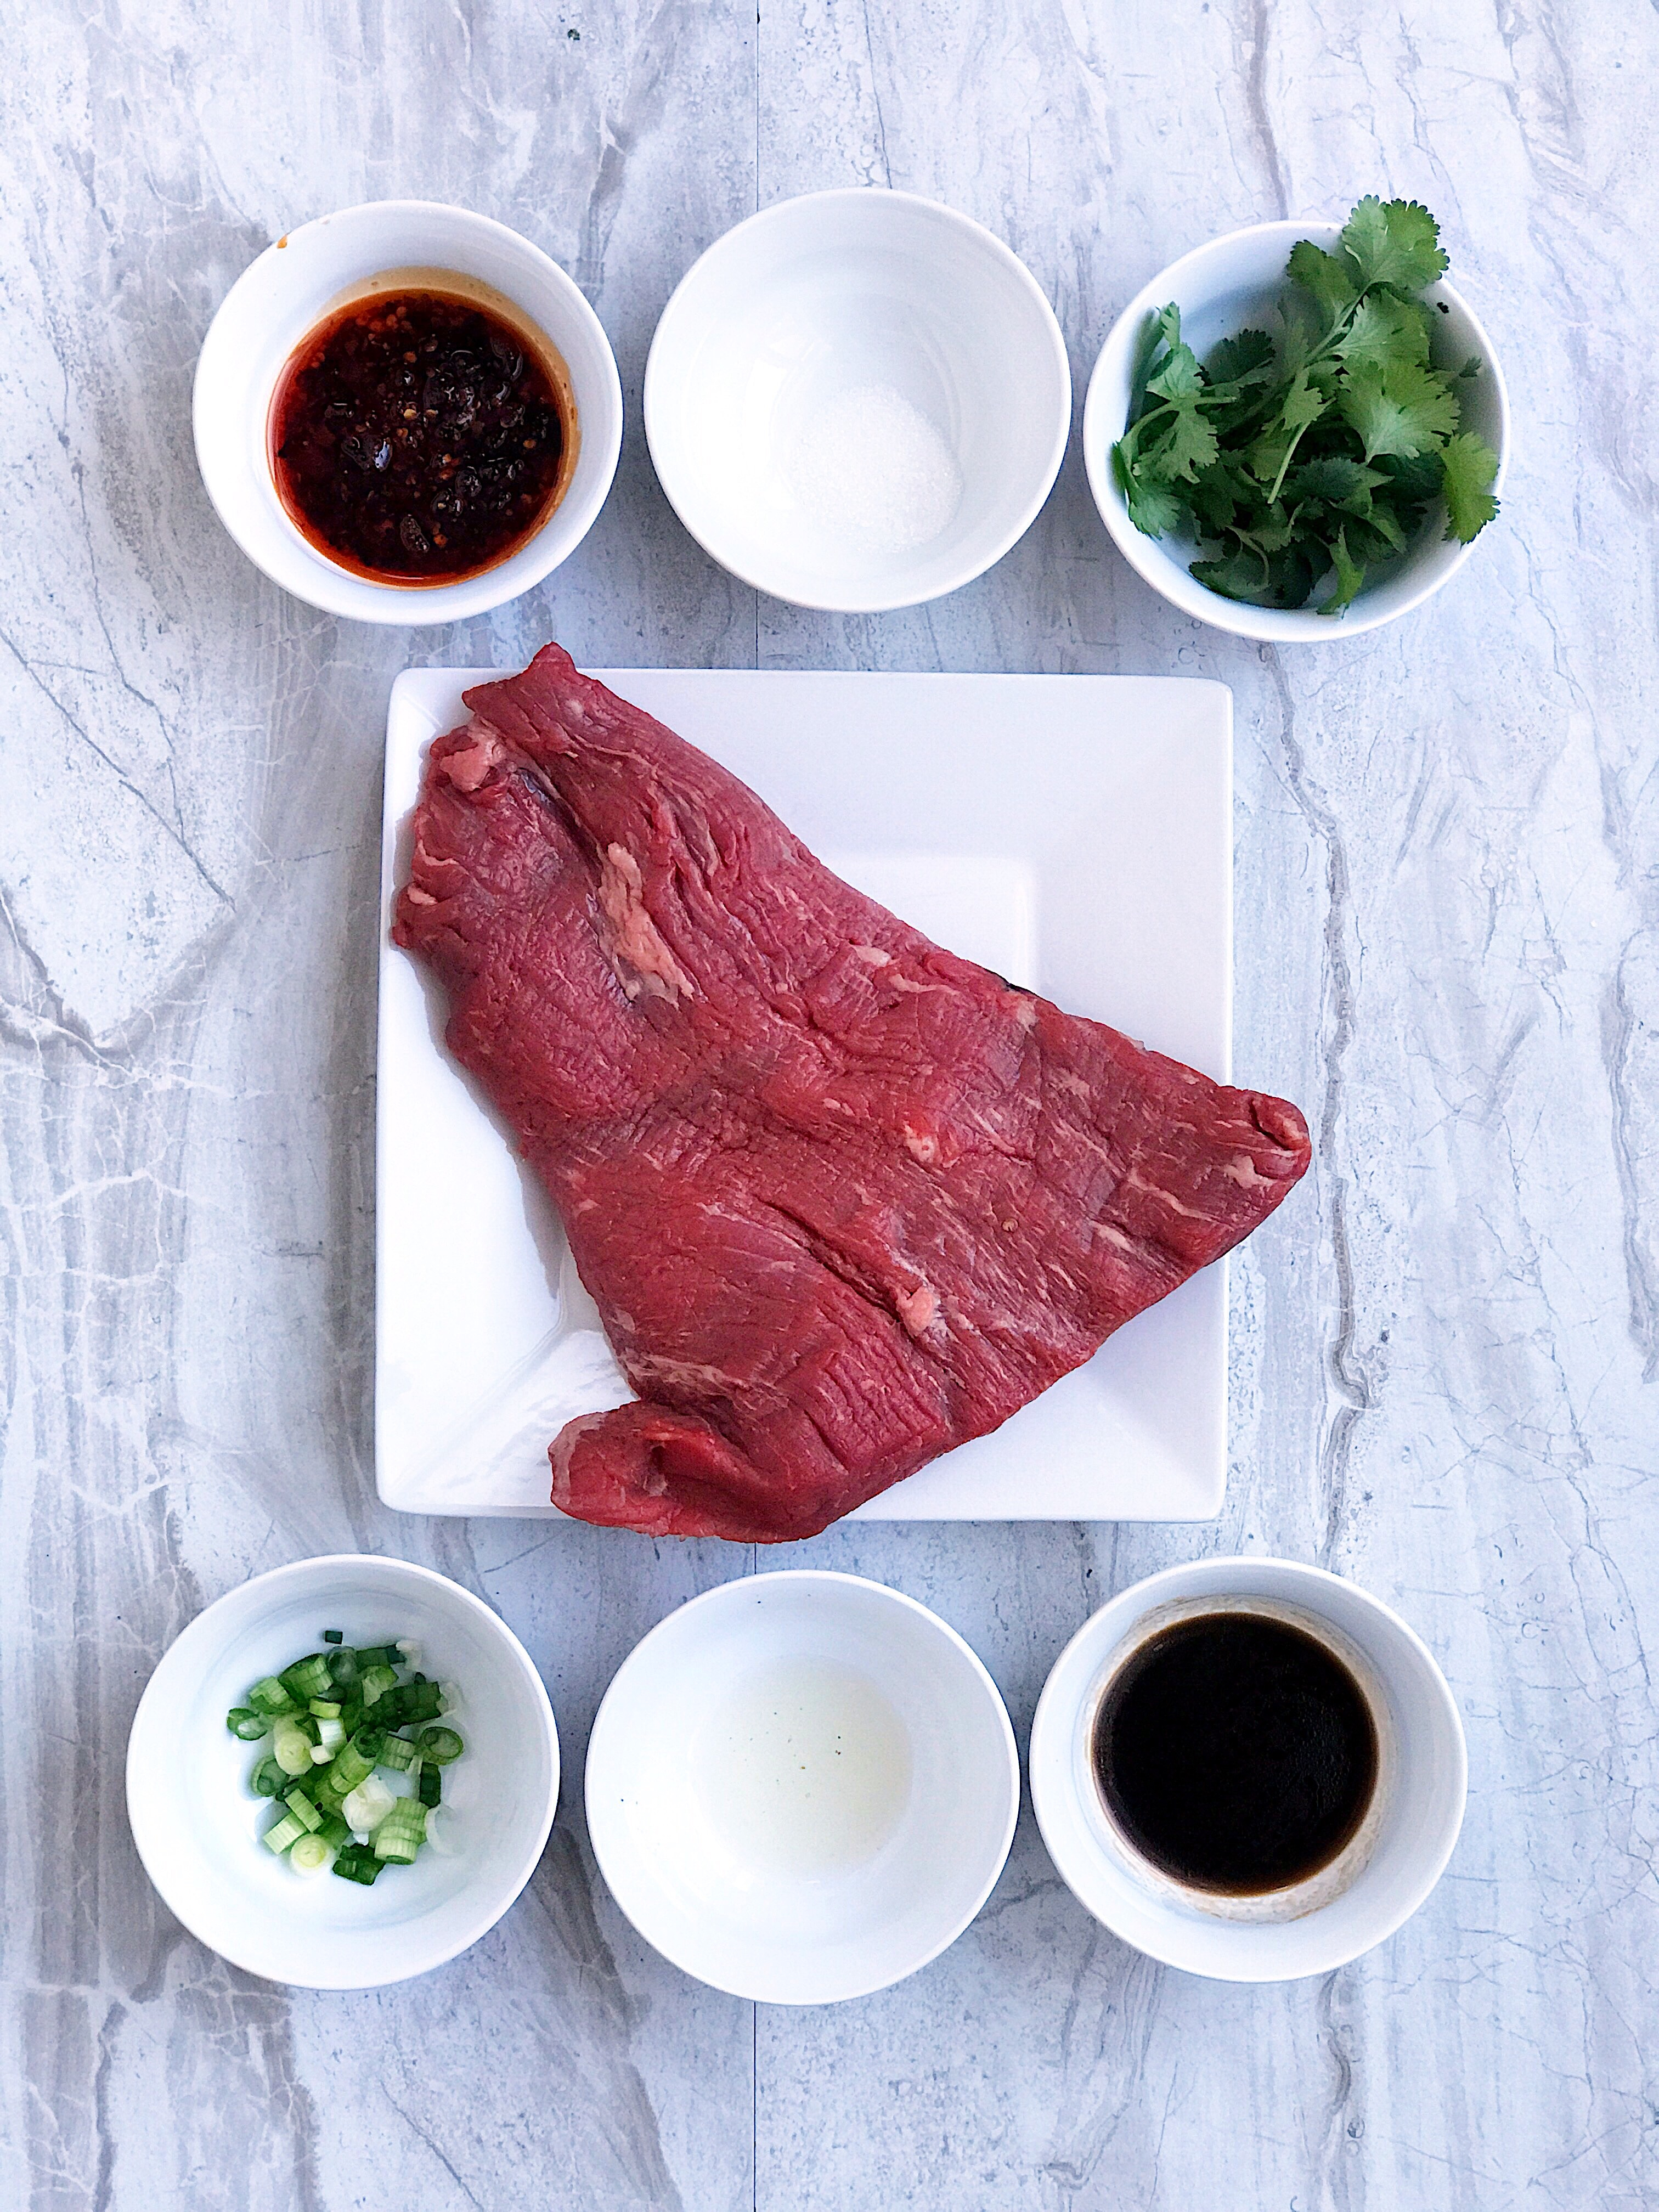 preparing szechuan beef